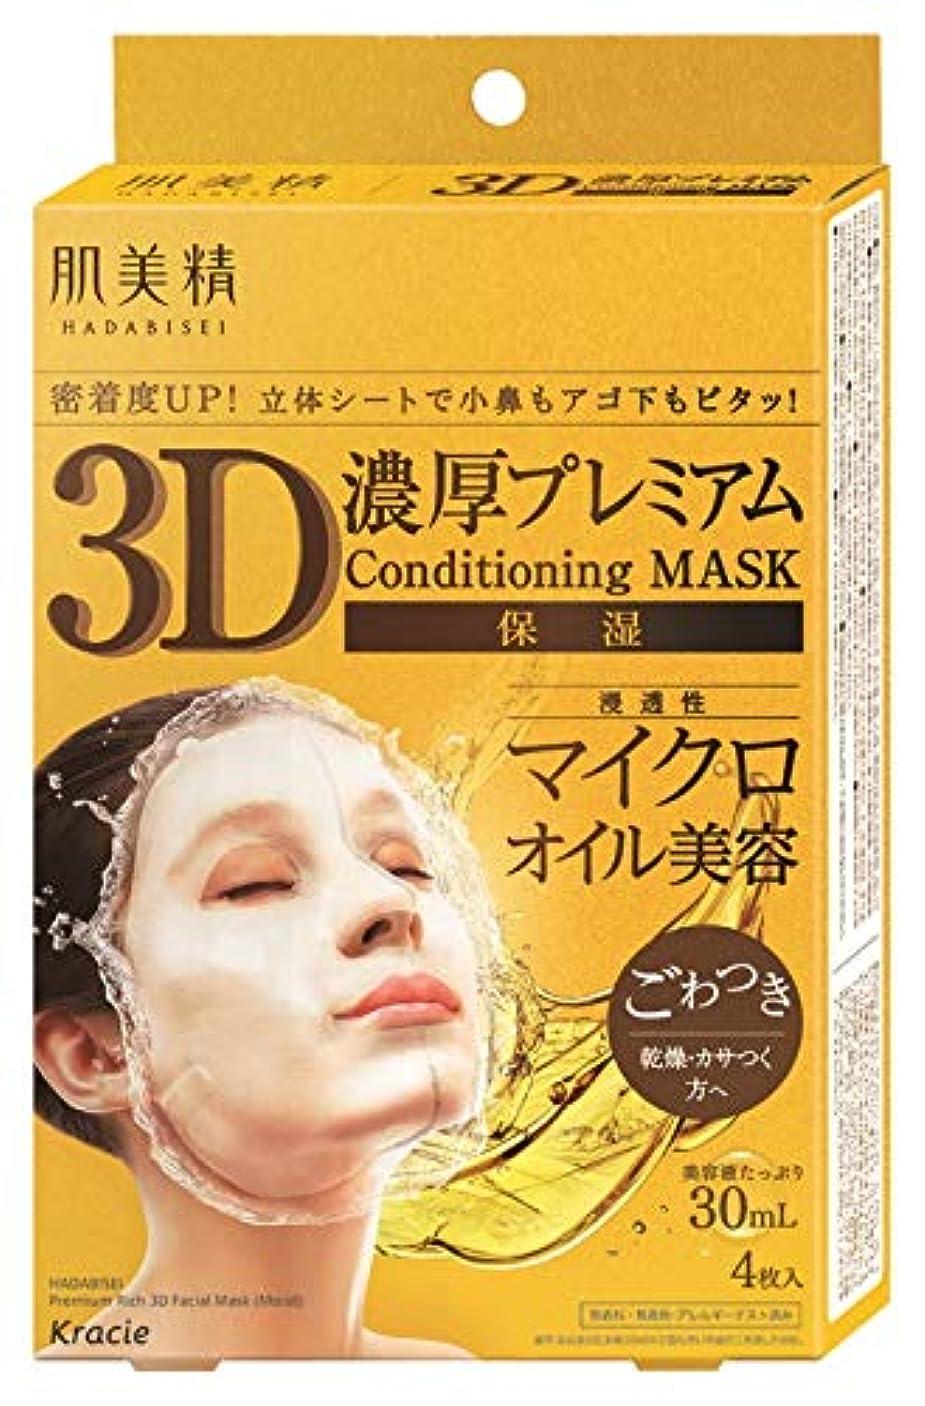 知り合い鉱夫啓発する肌美精 3D濃厚プレミアムマスク(保湿)4枚